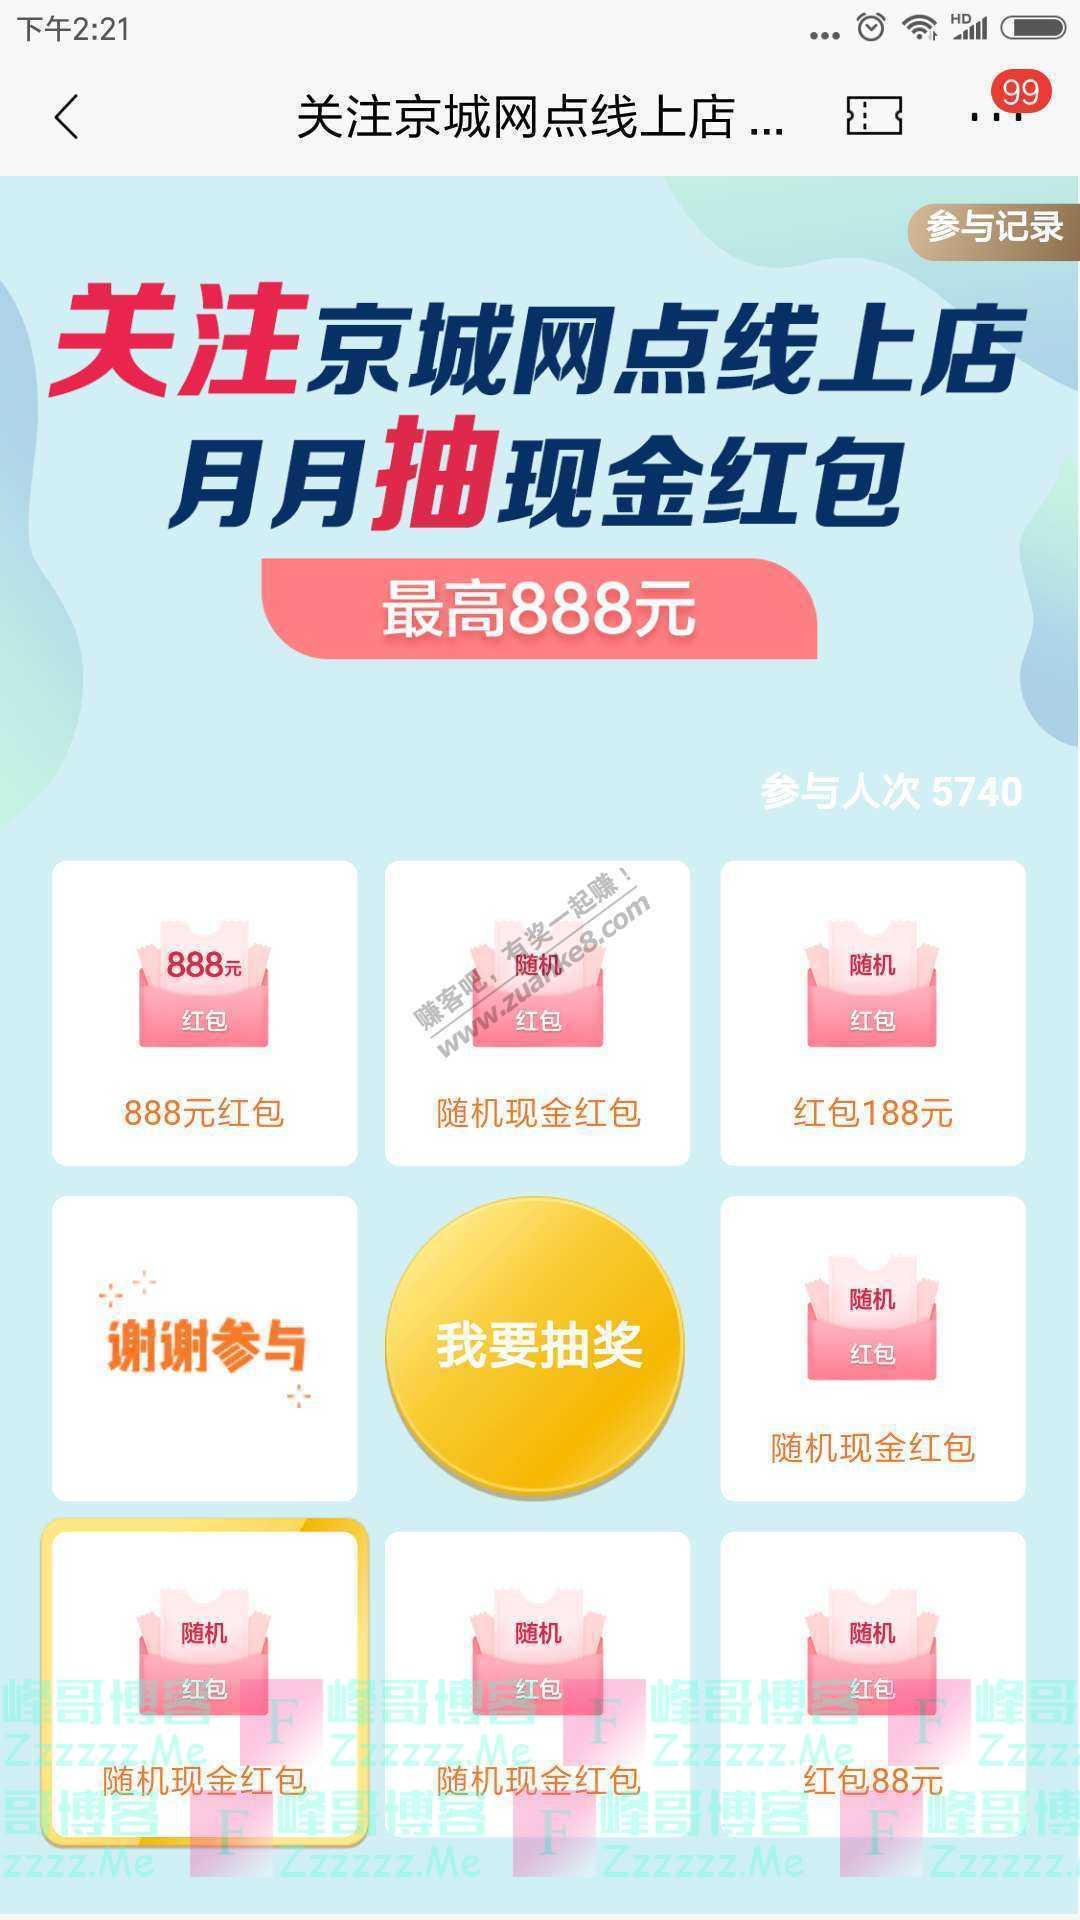 招行关注京城网点线上店抽现金红包(截止6月30日)